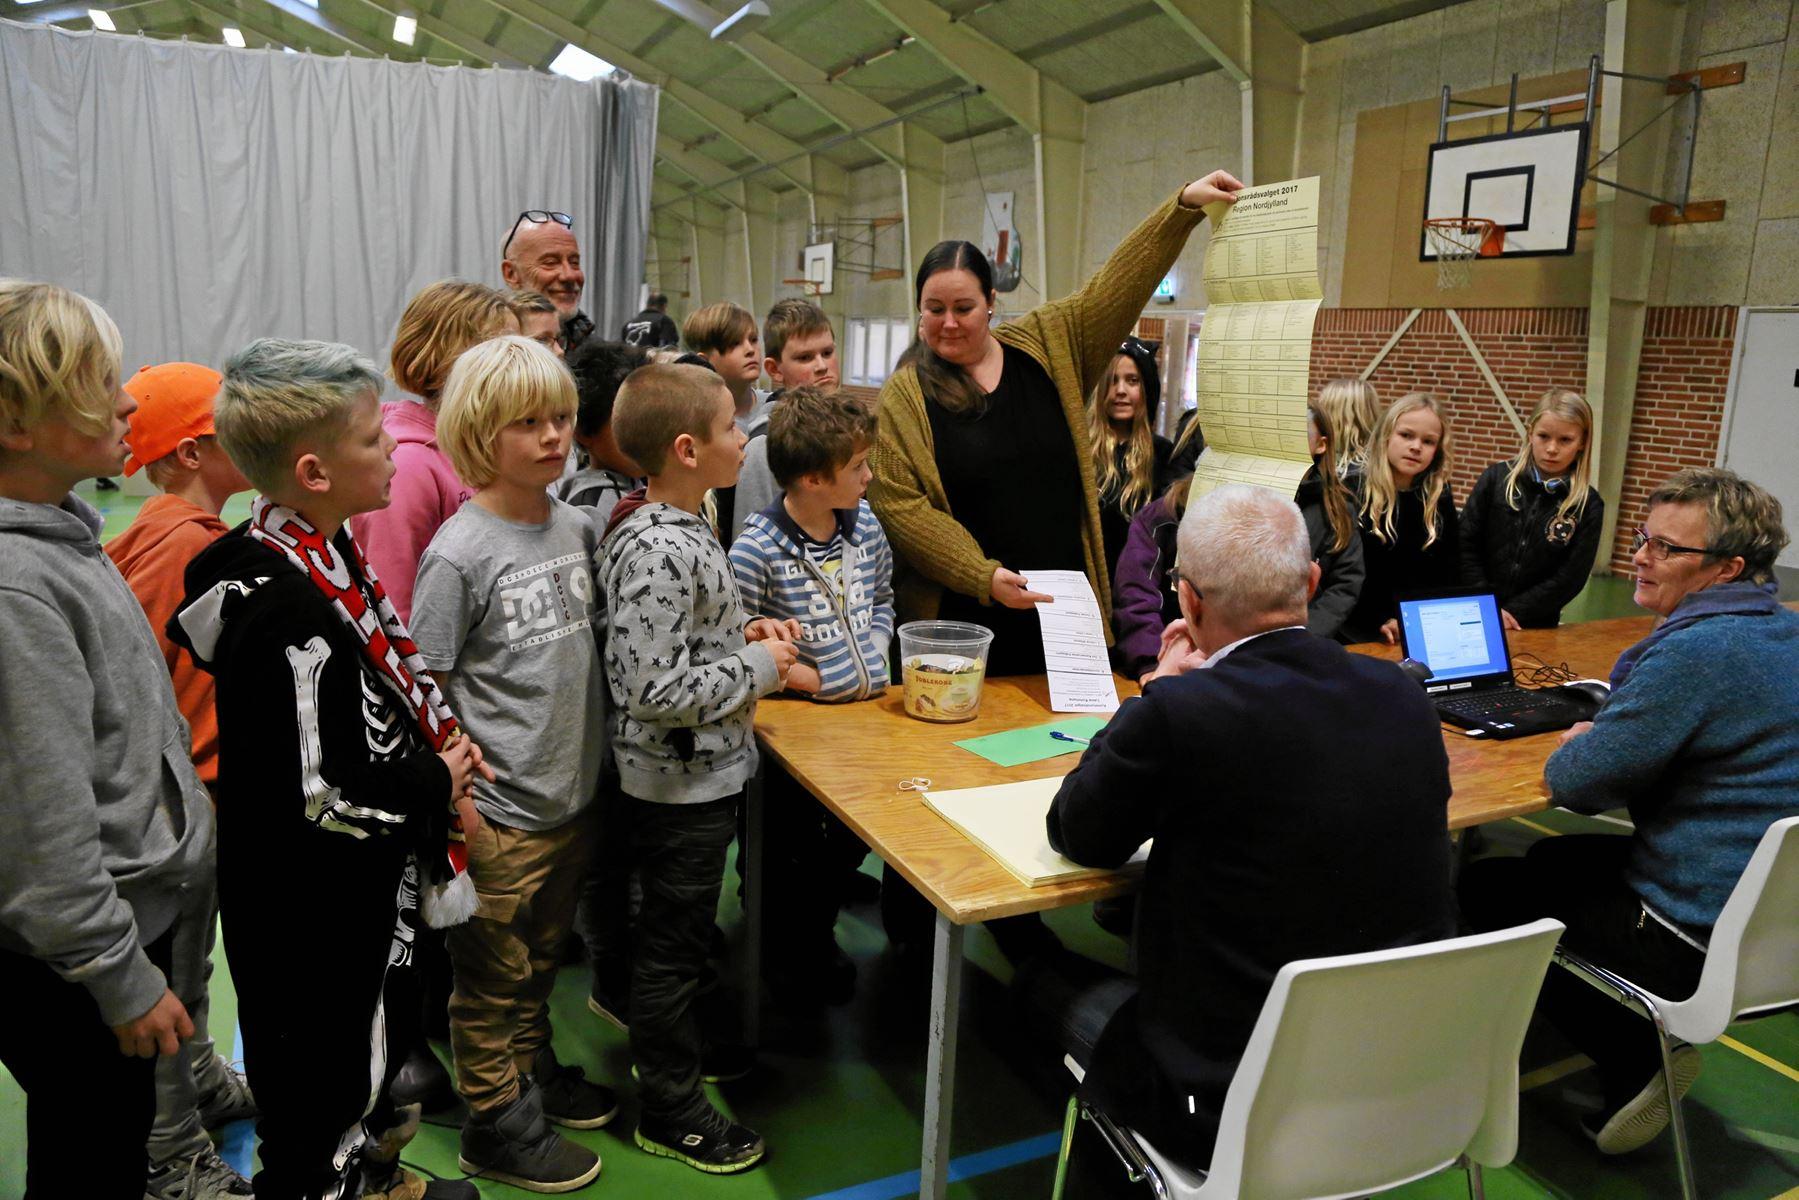 En gruppe børn fra Læsø Skole fik lov til at gå med deres lærere hen for at stemme